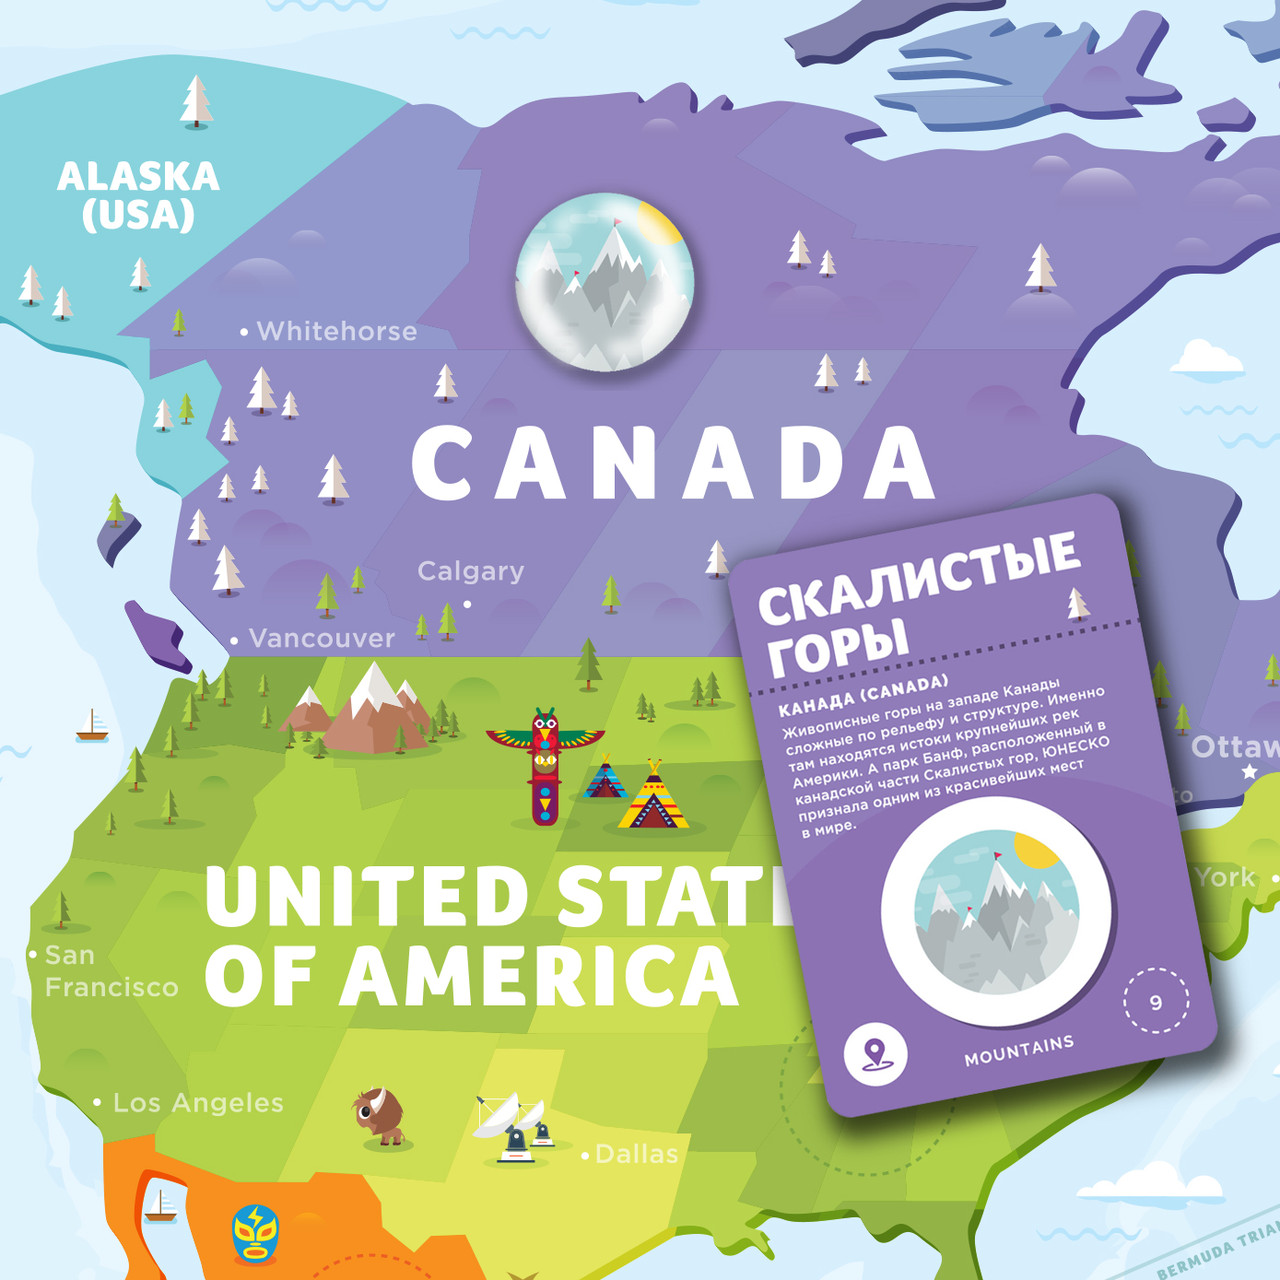 Развивающая карта мира для детей с достопримечательностями